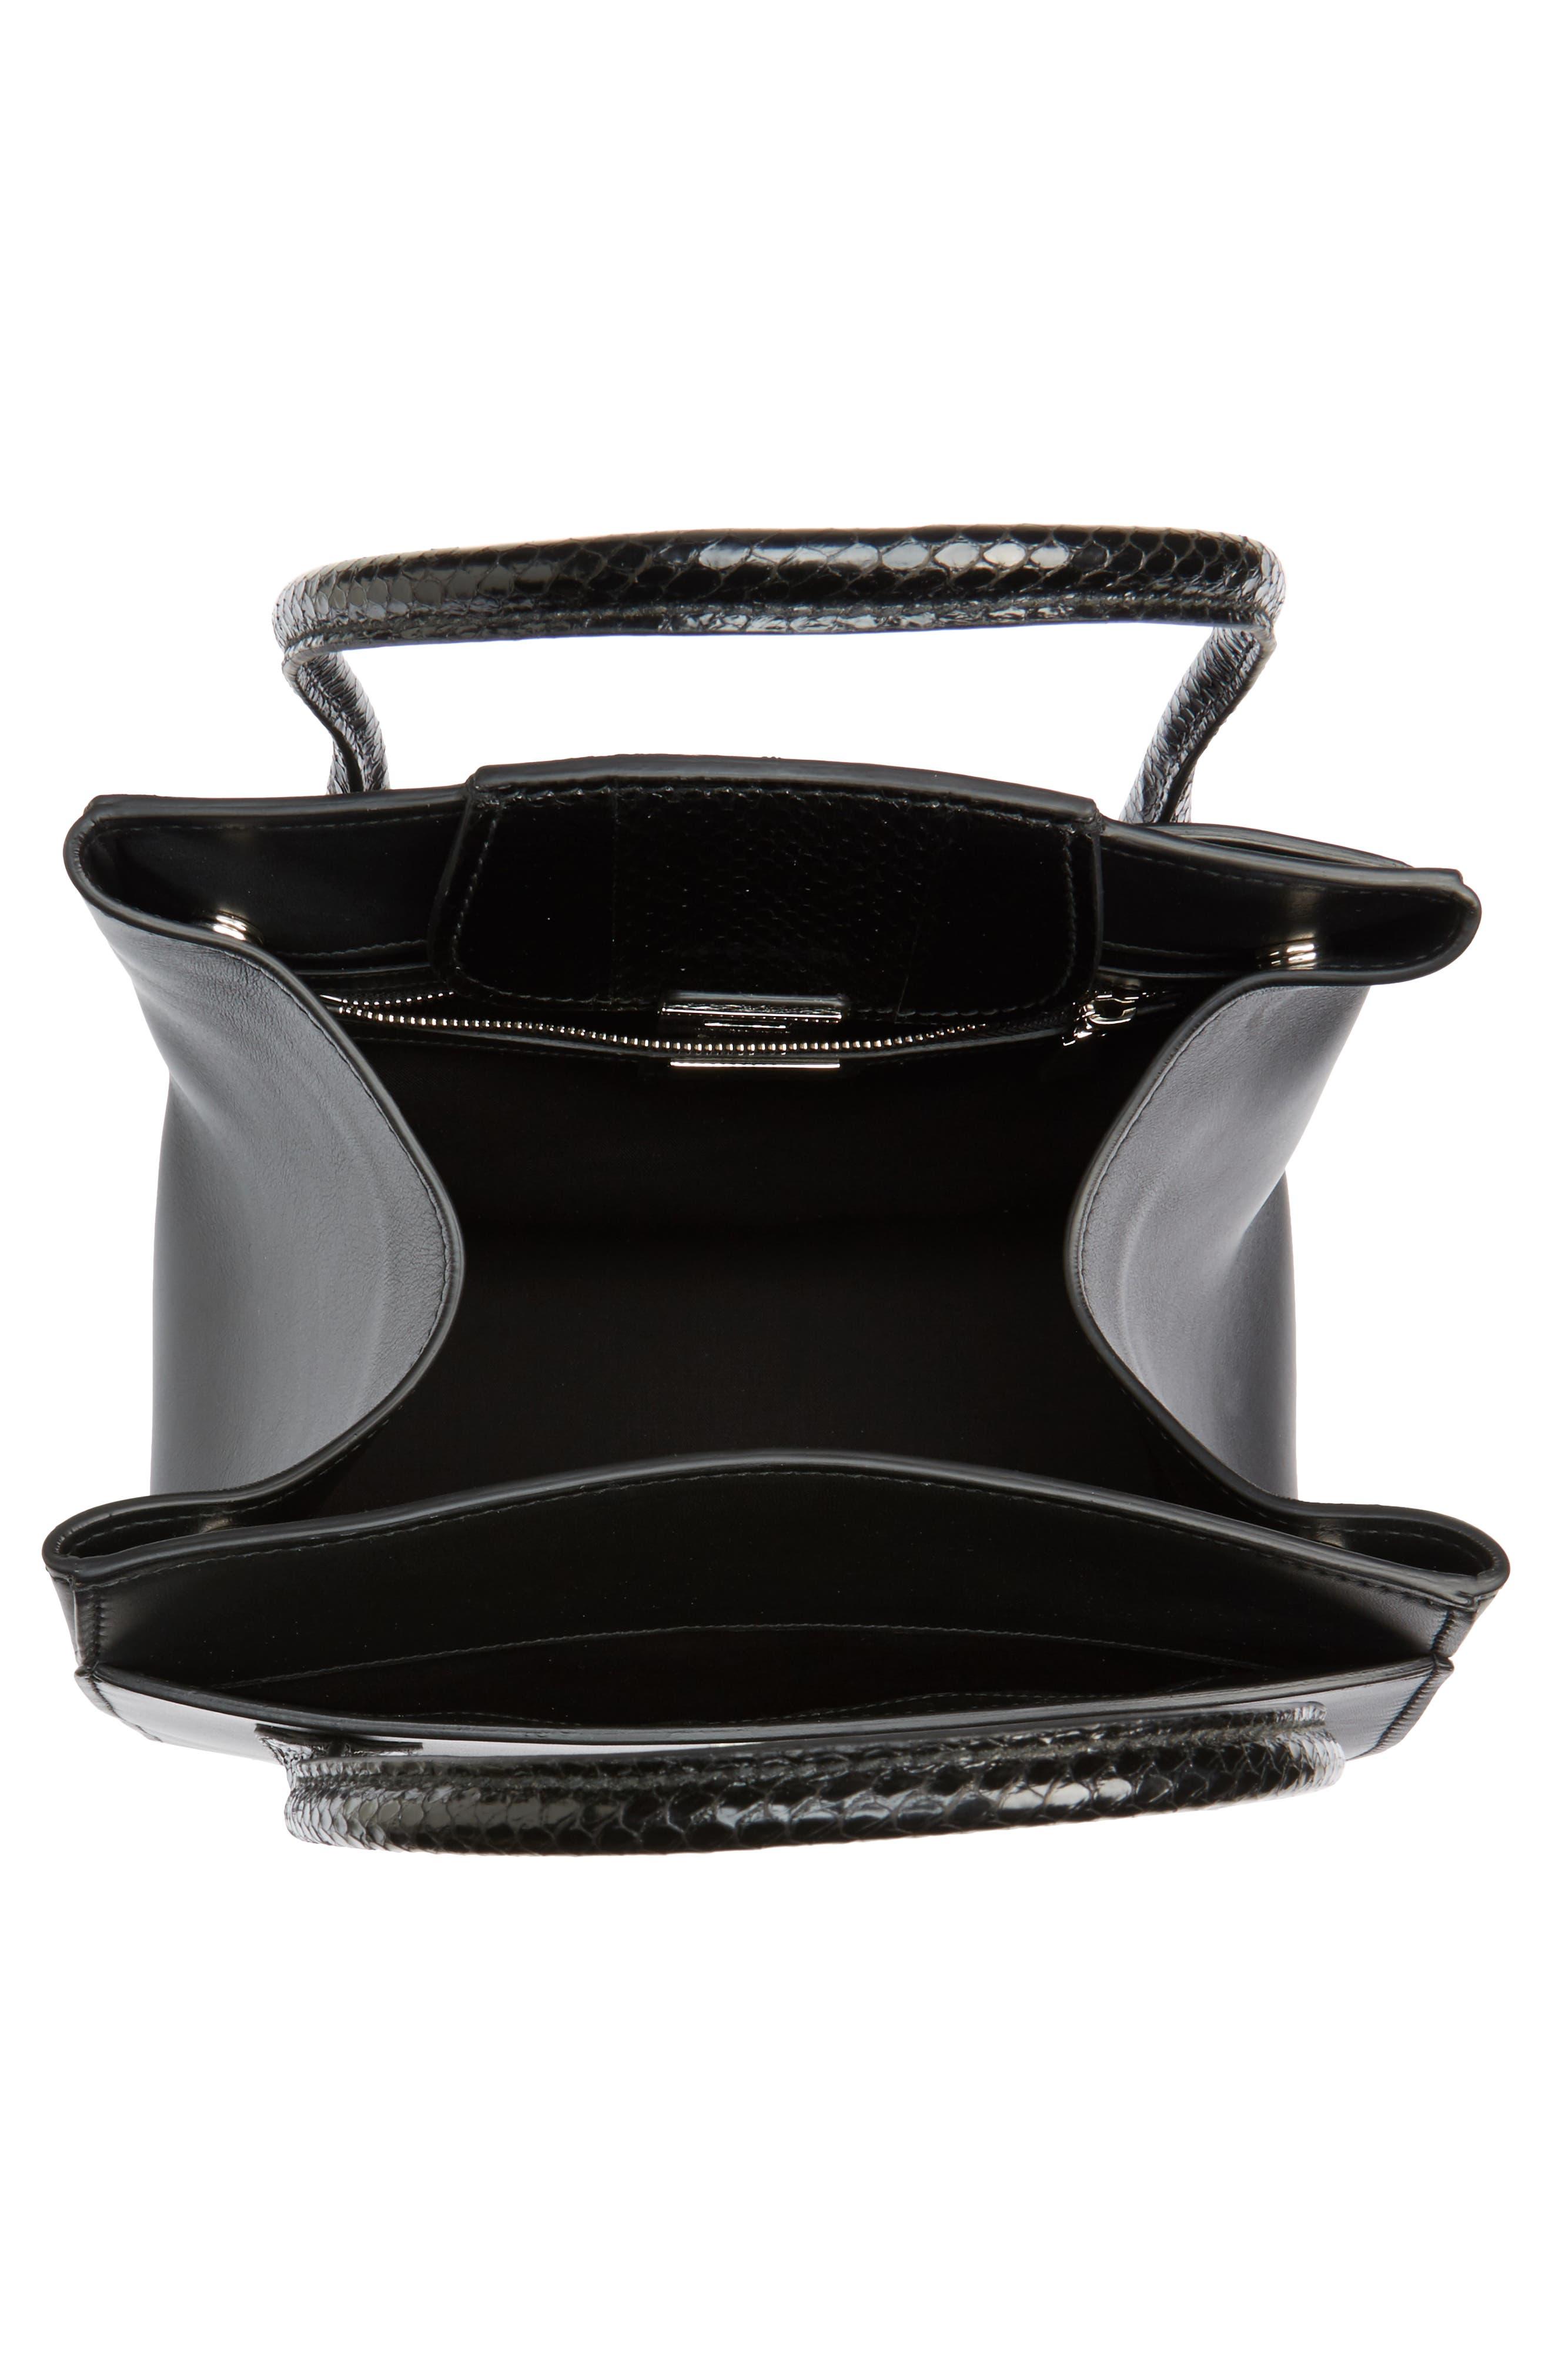 Large Bancroft Leather Top Handle Satchel,                             Alternate thumbnail 4, color,                             Black